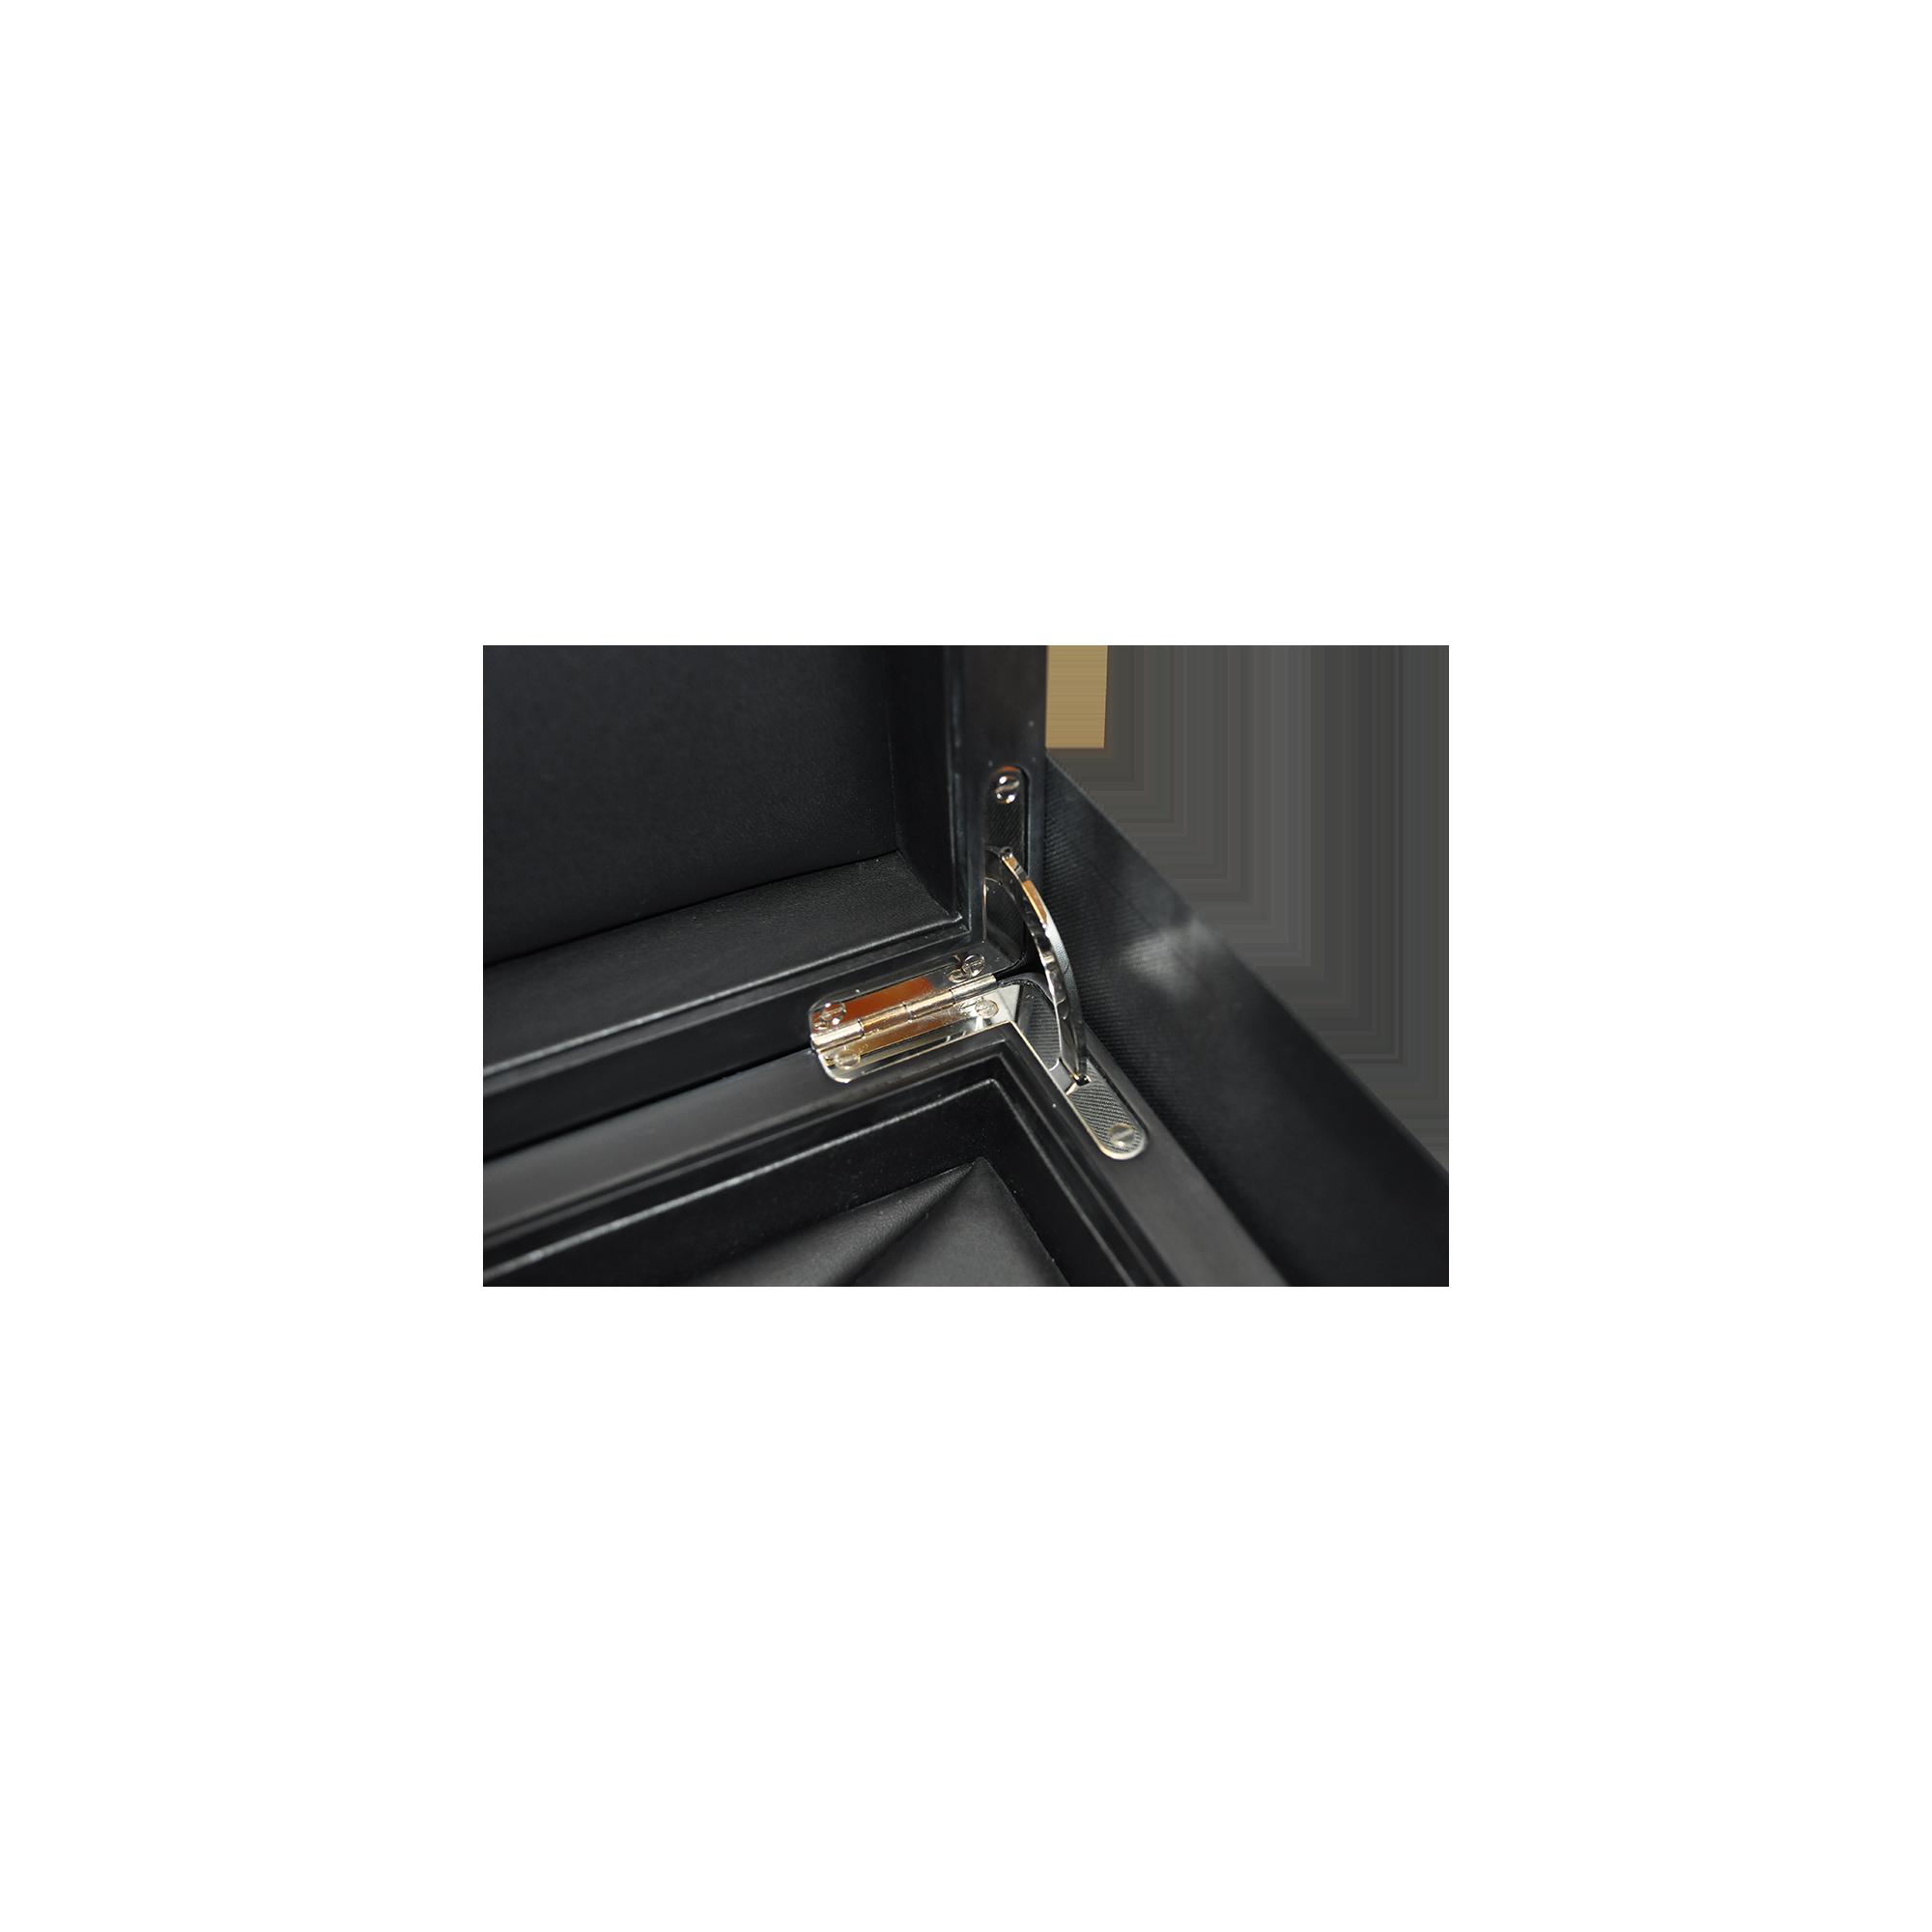 Dettaglio della cerniera ad archetto cromata